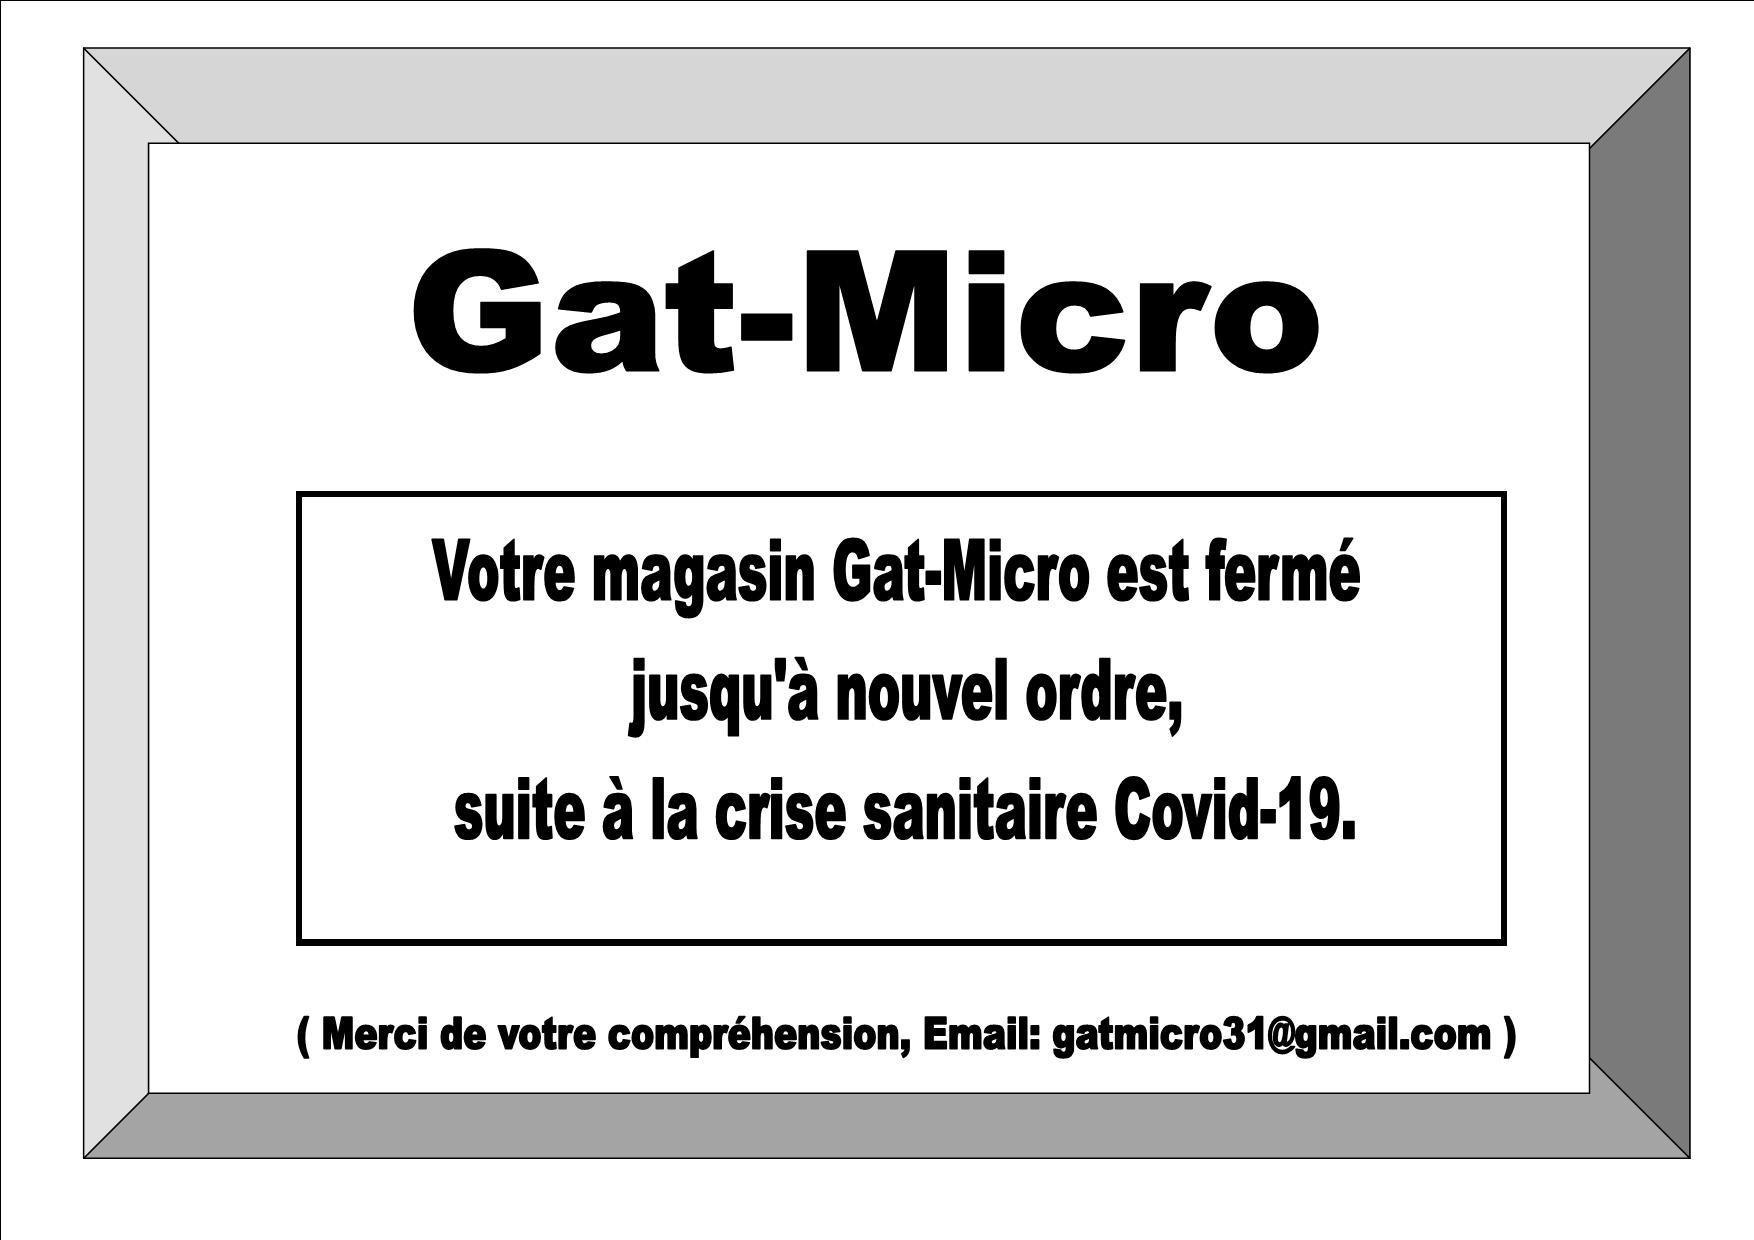 email: gatmicro31@gmail.com